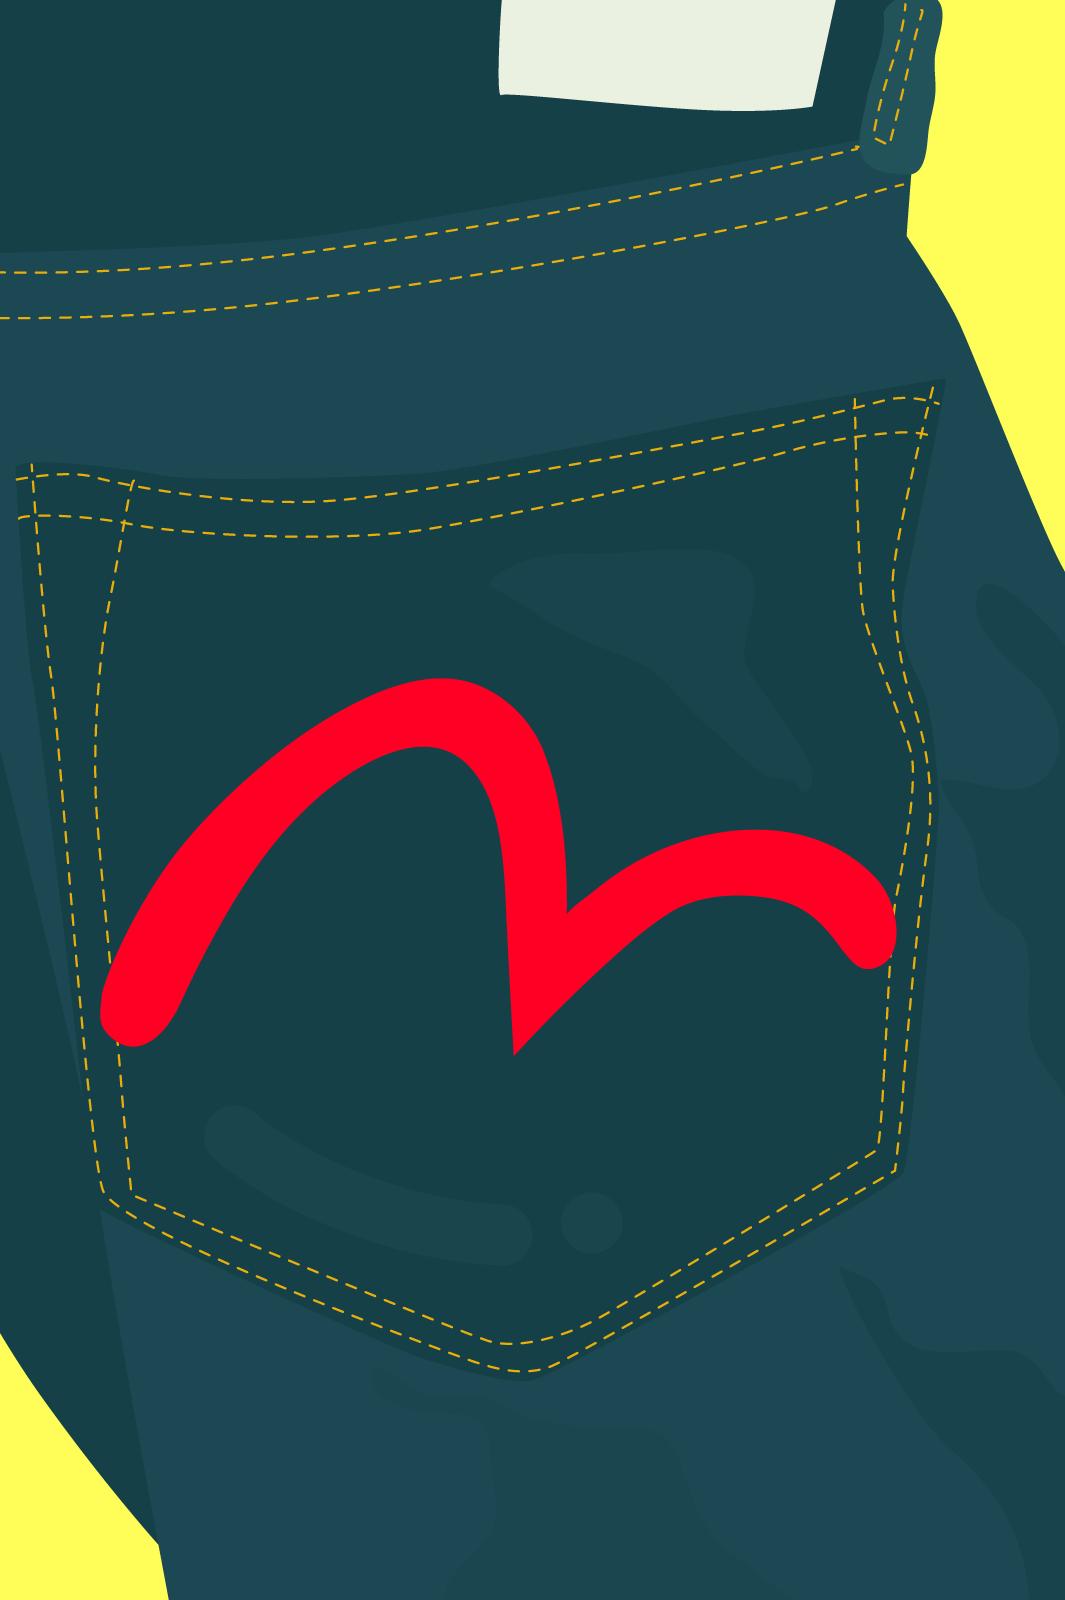 Jeans Denim Back Pocket Embroidery